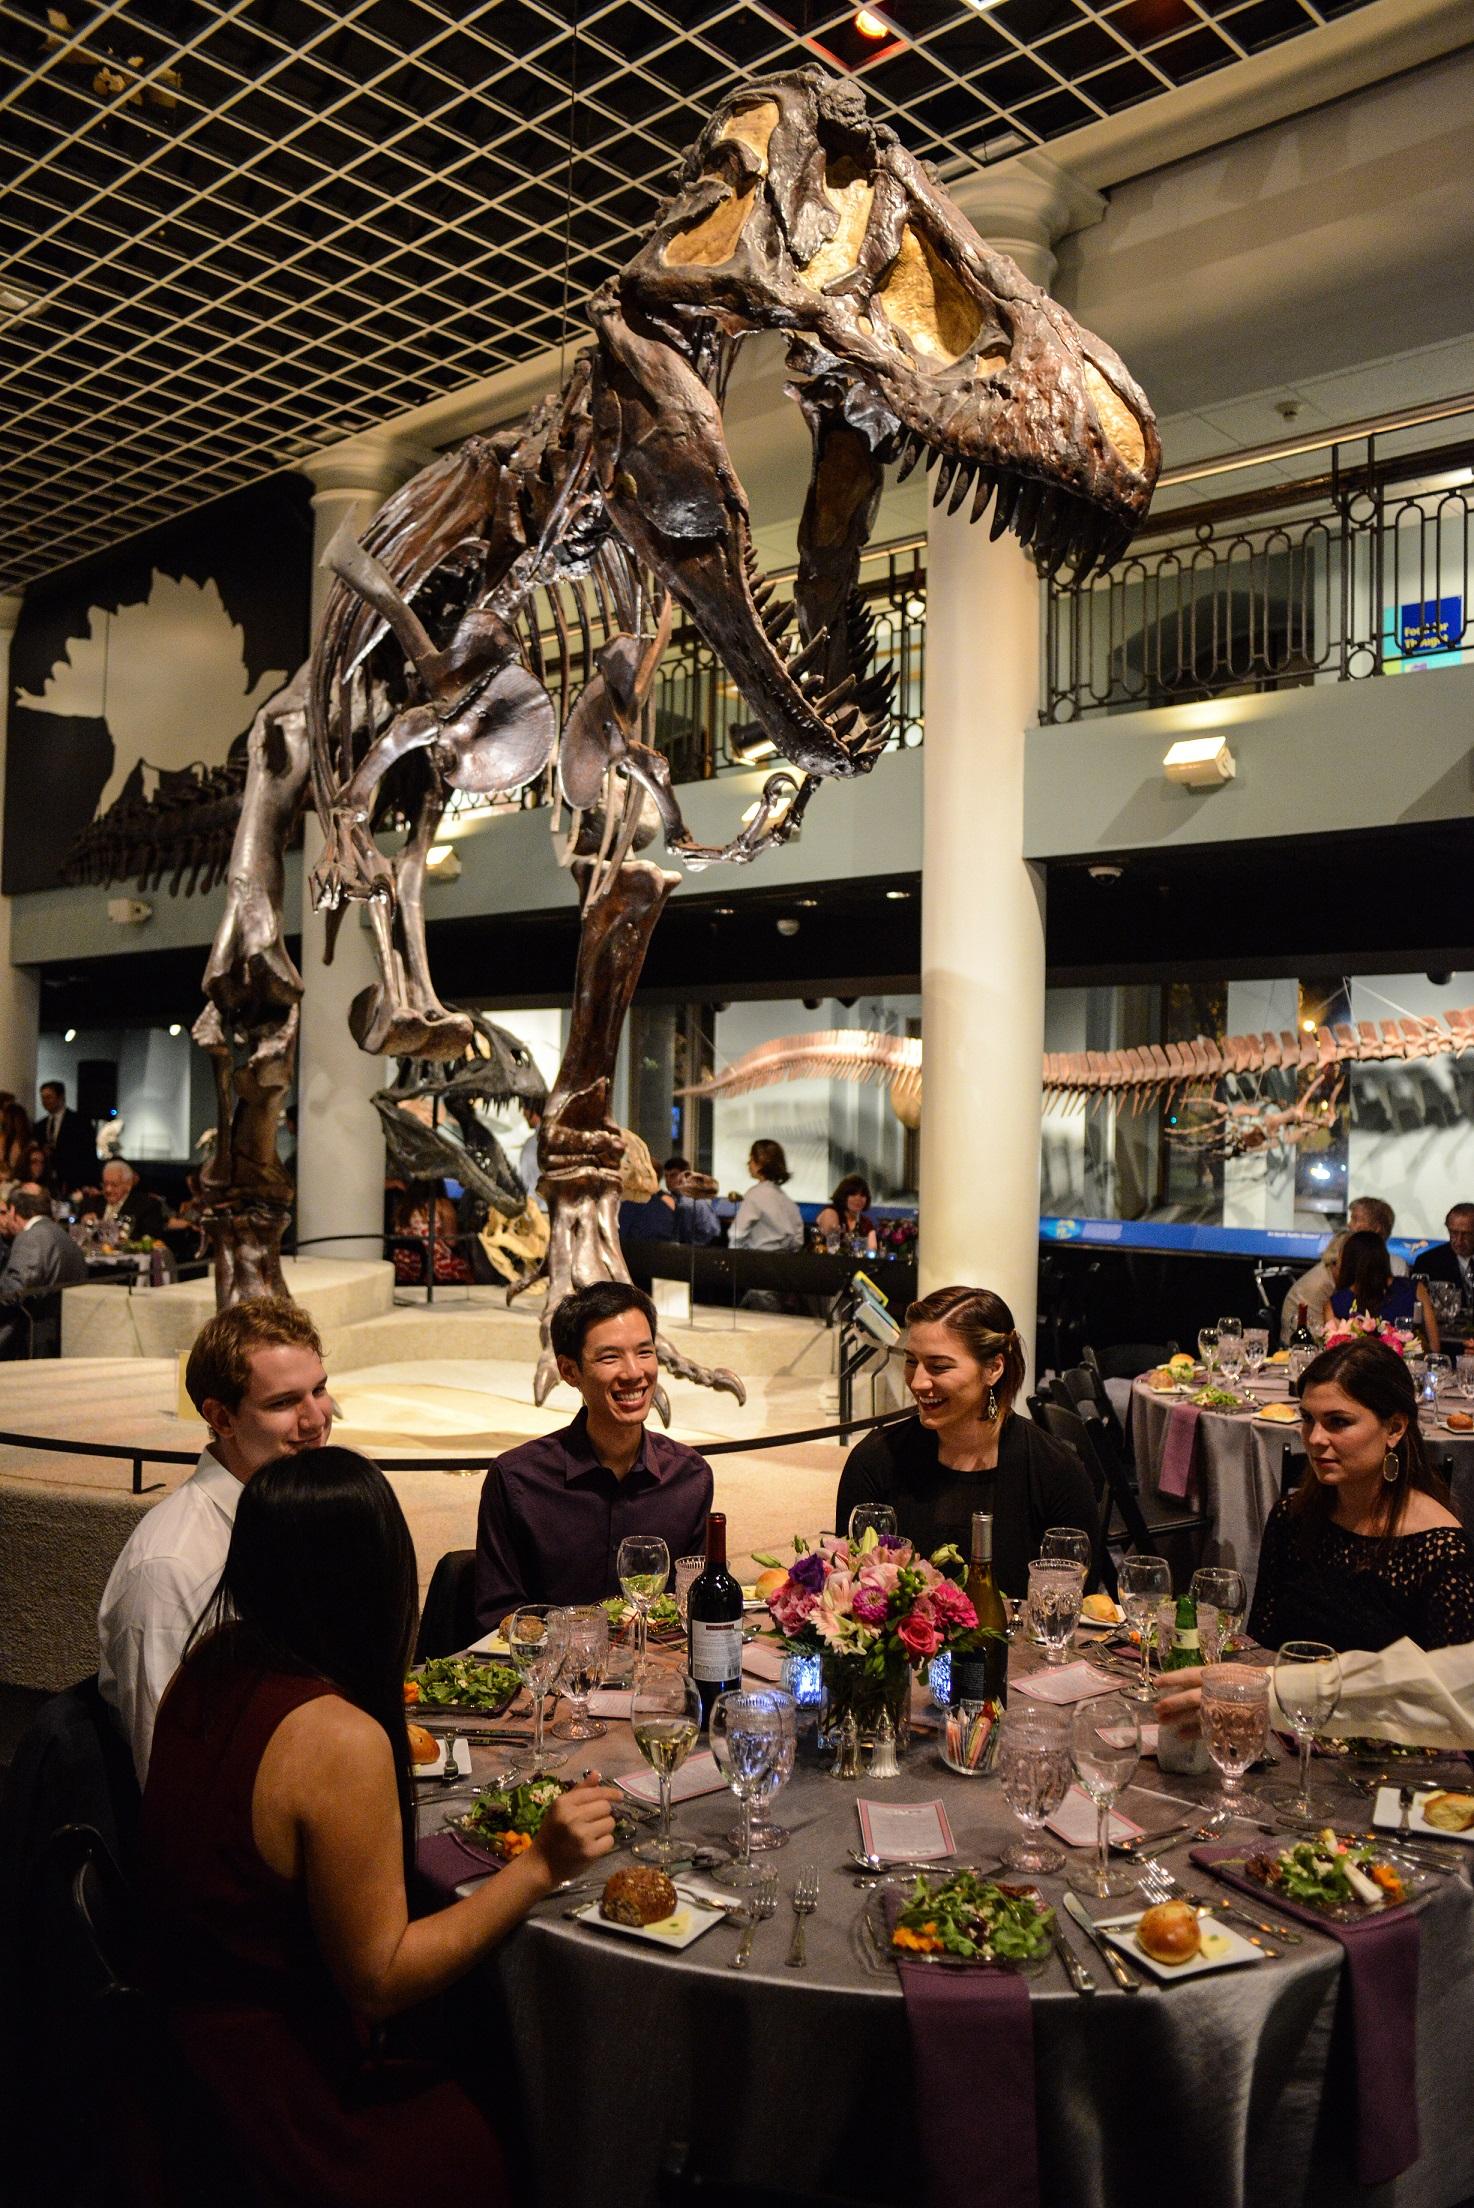 Academy Of Natural Sciences Wedding Venue In Philadelphia